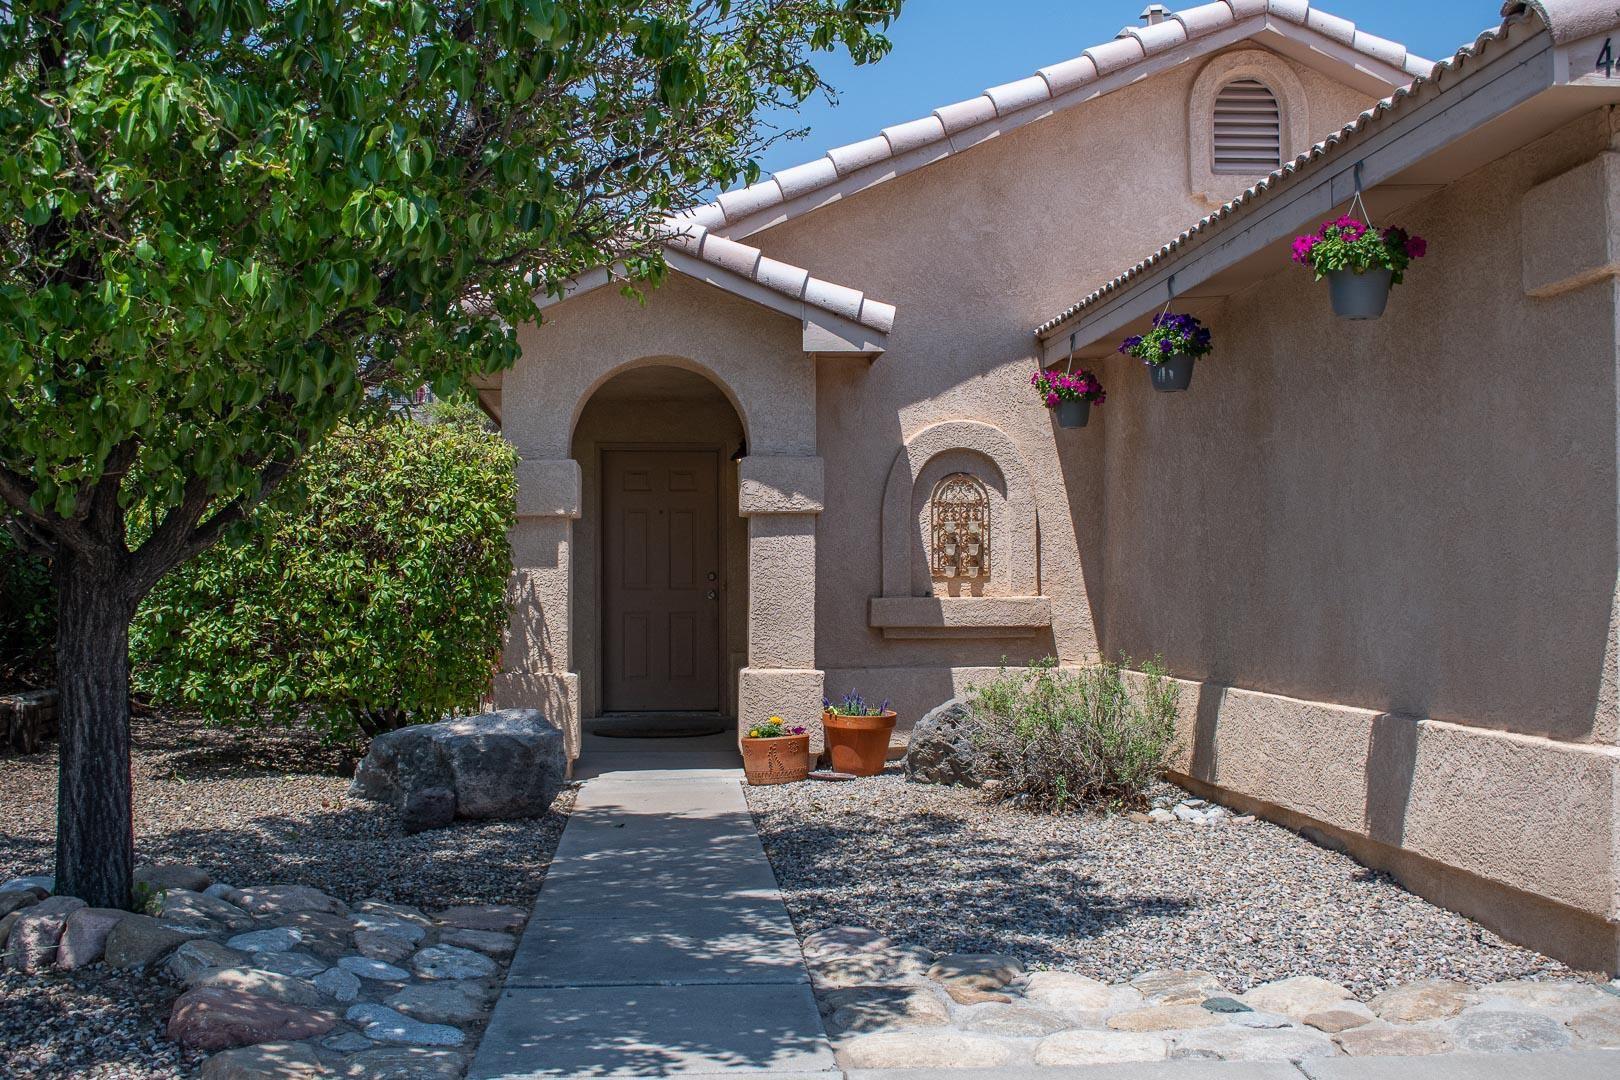 Photo of 4419 BARRETT Avenue NW, Albuquerque, NM 87114 (MLS # 994811)